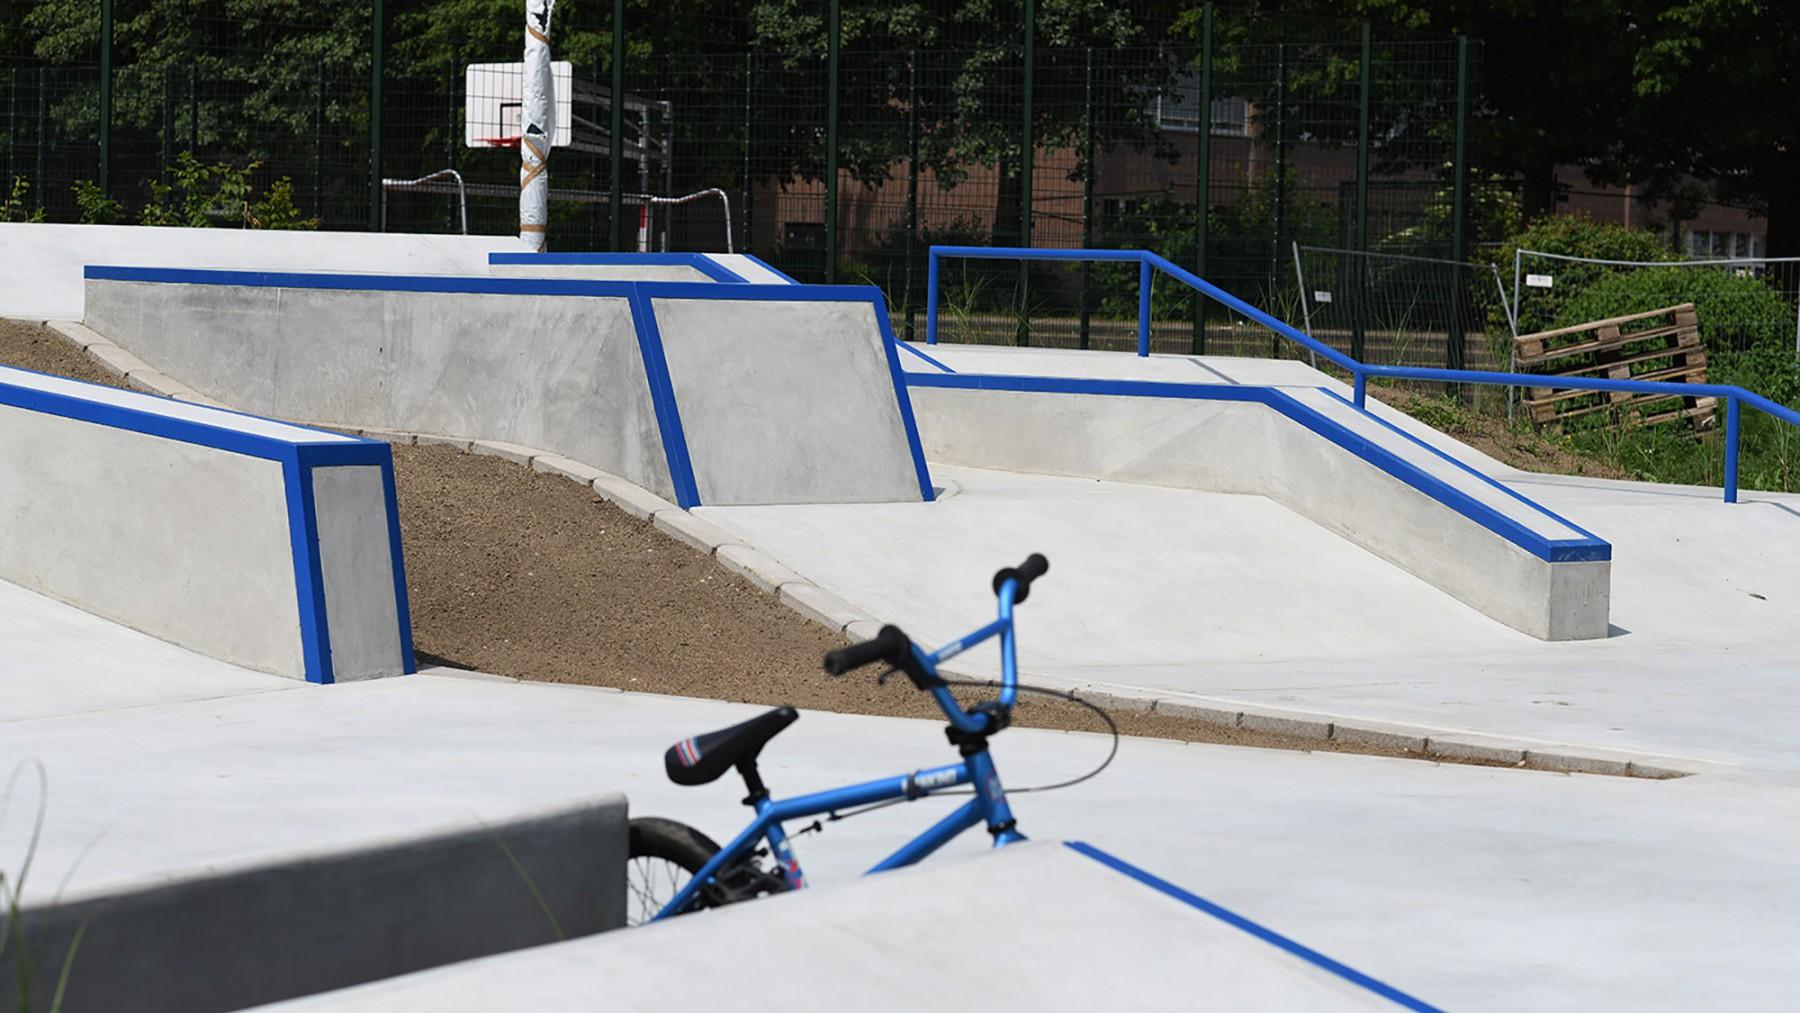 Kevelaer_Skatepark_fertig_Gallerie_04